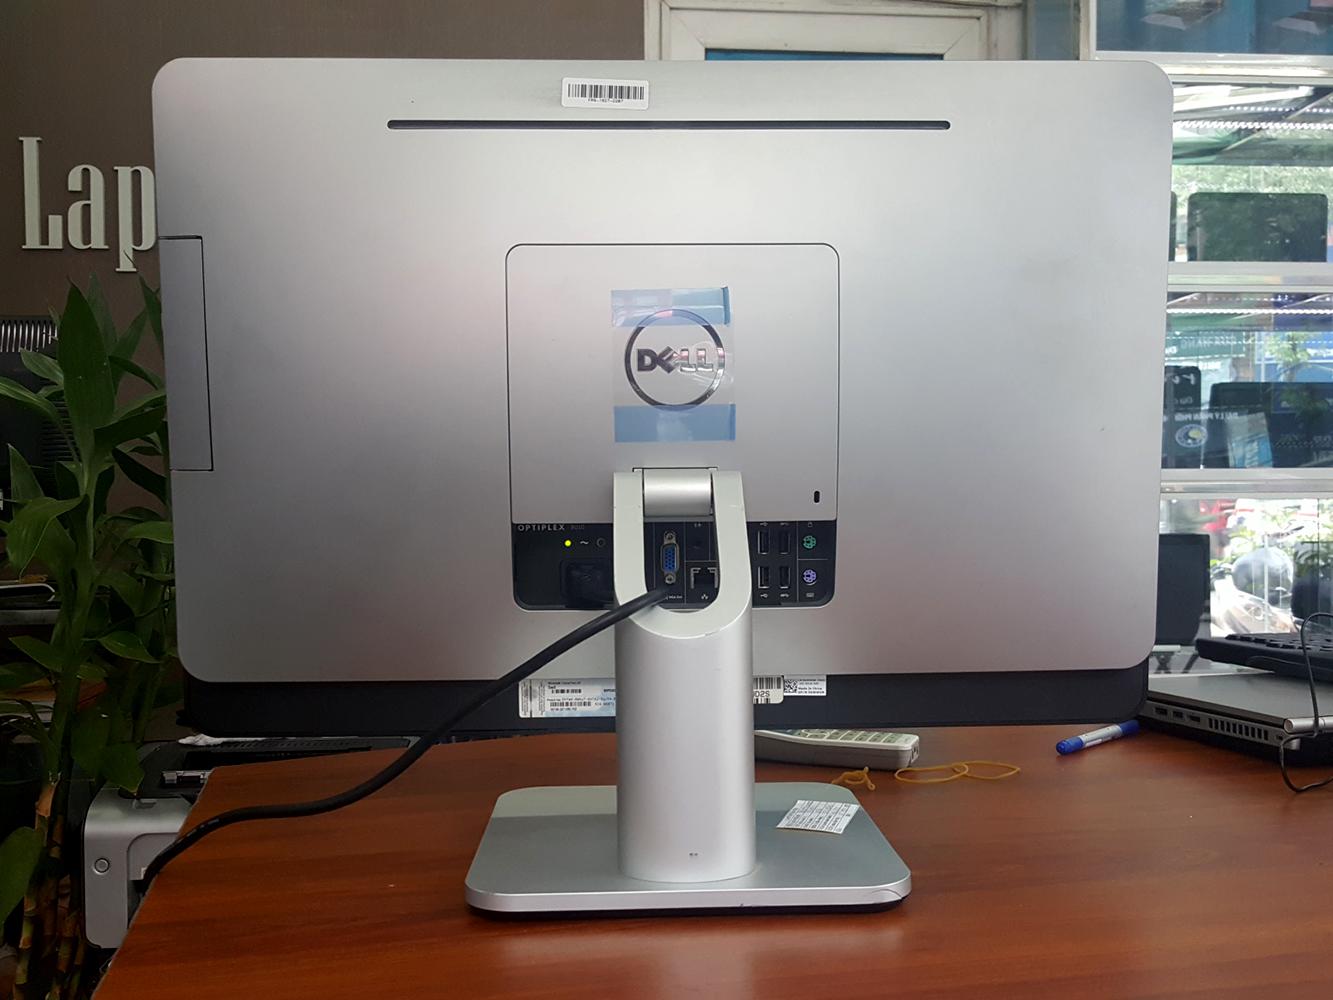 Máy liền màn Dell 9010 cấu hình 1